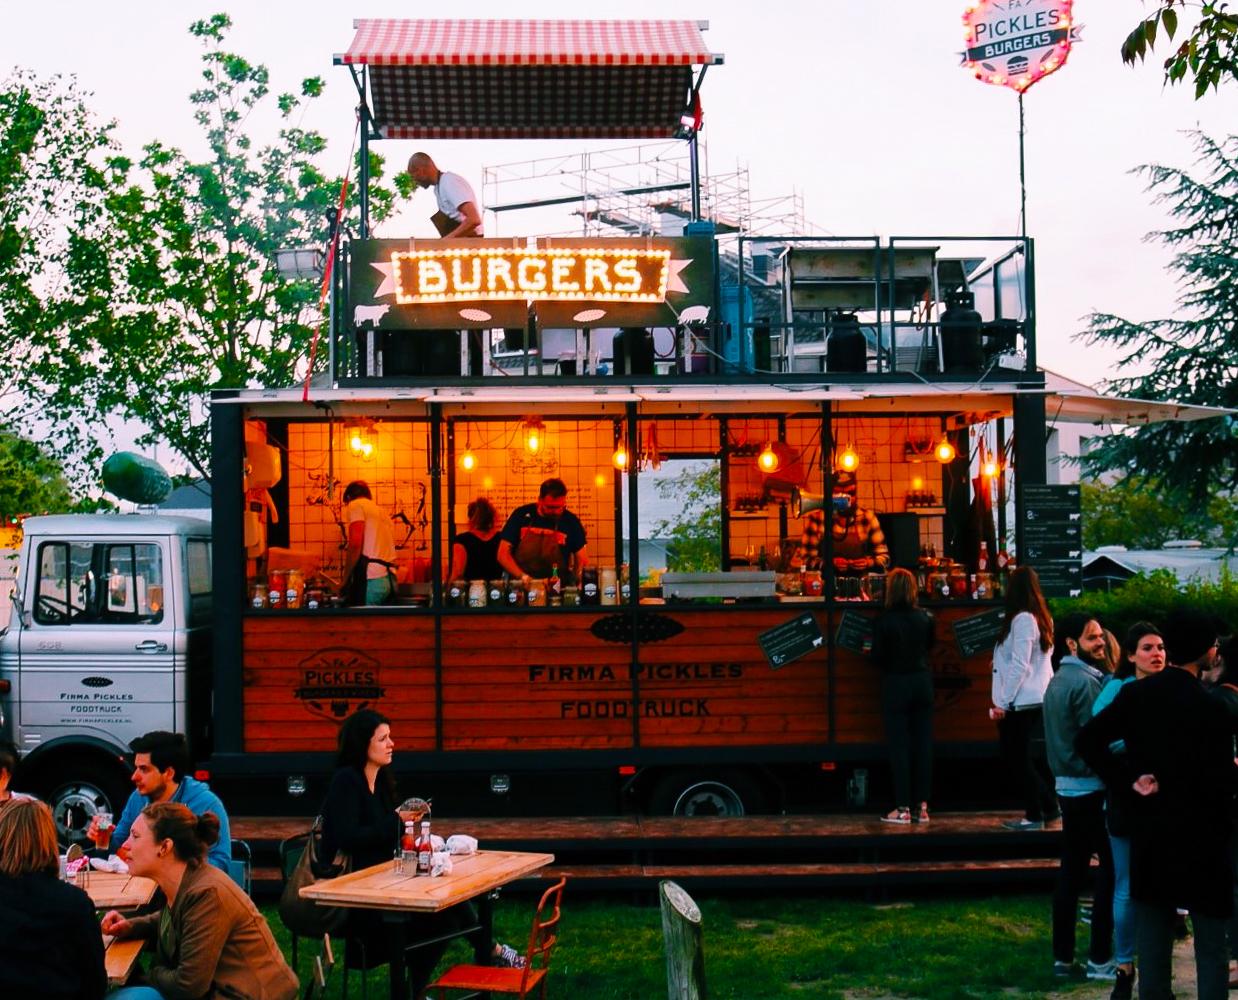 food truck festival gwenlyn e. Black Bedroom Furniture Sets. Home Design Ideas